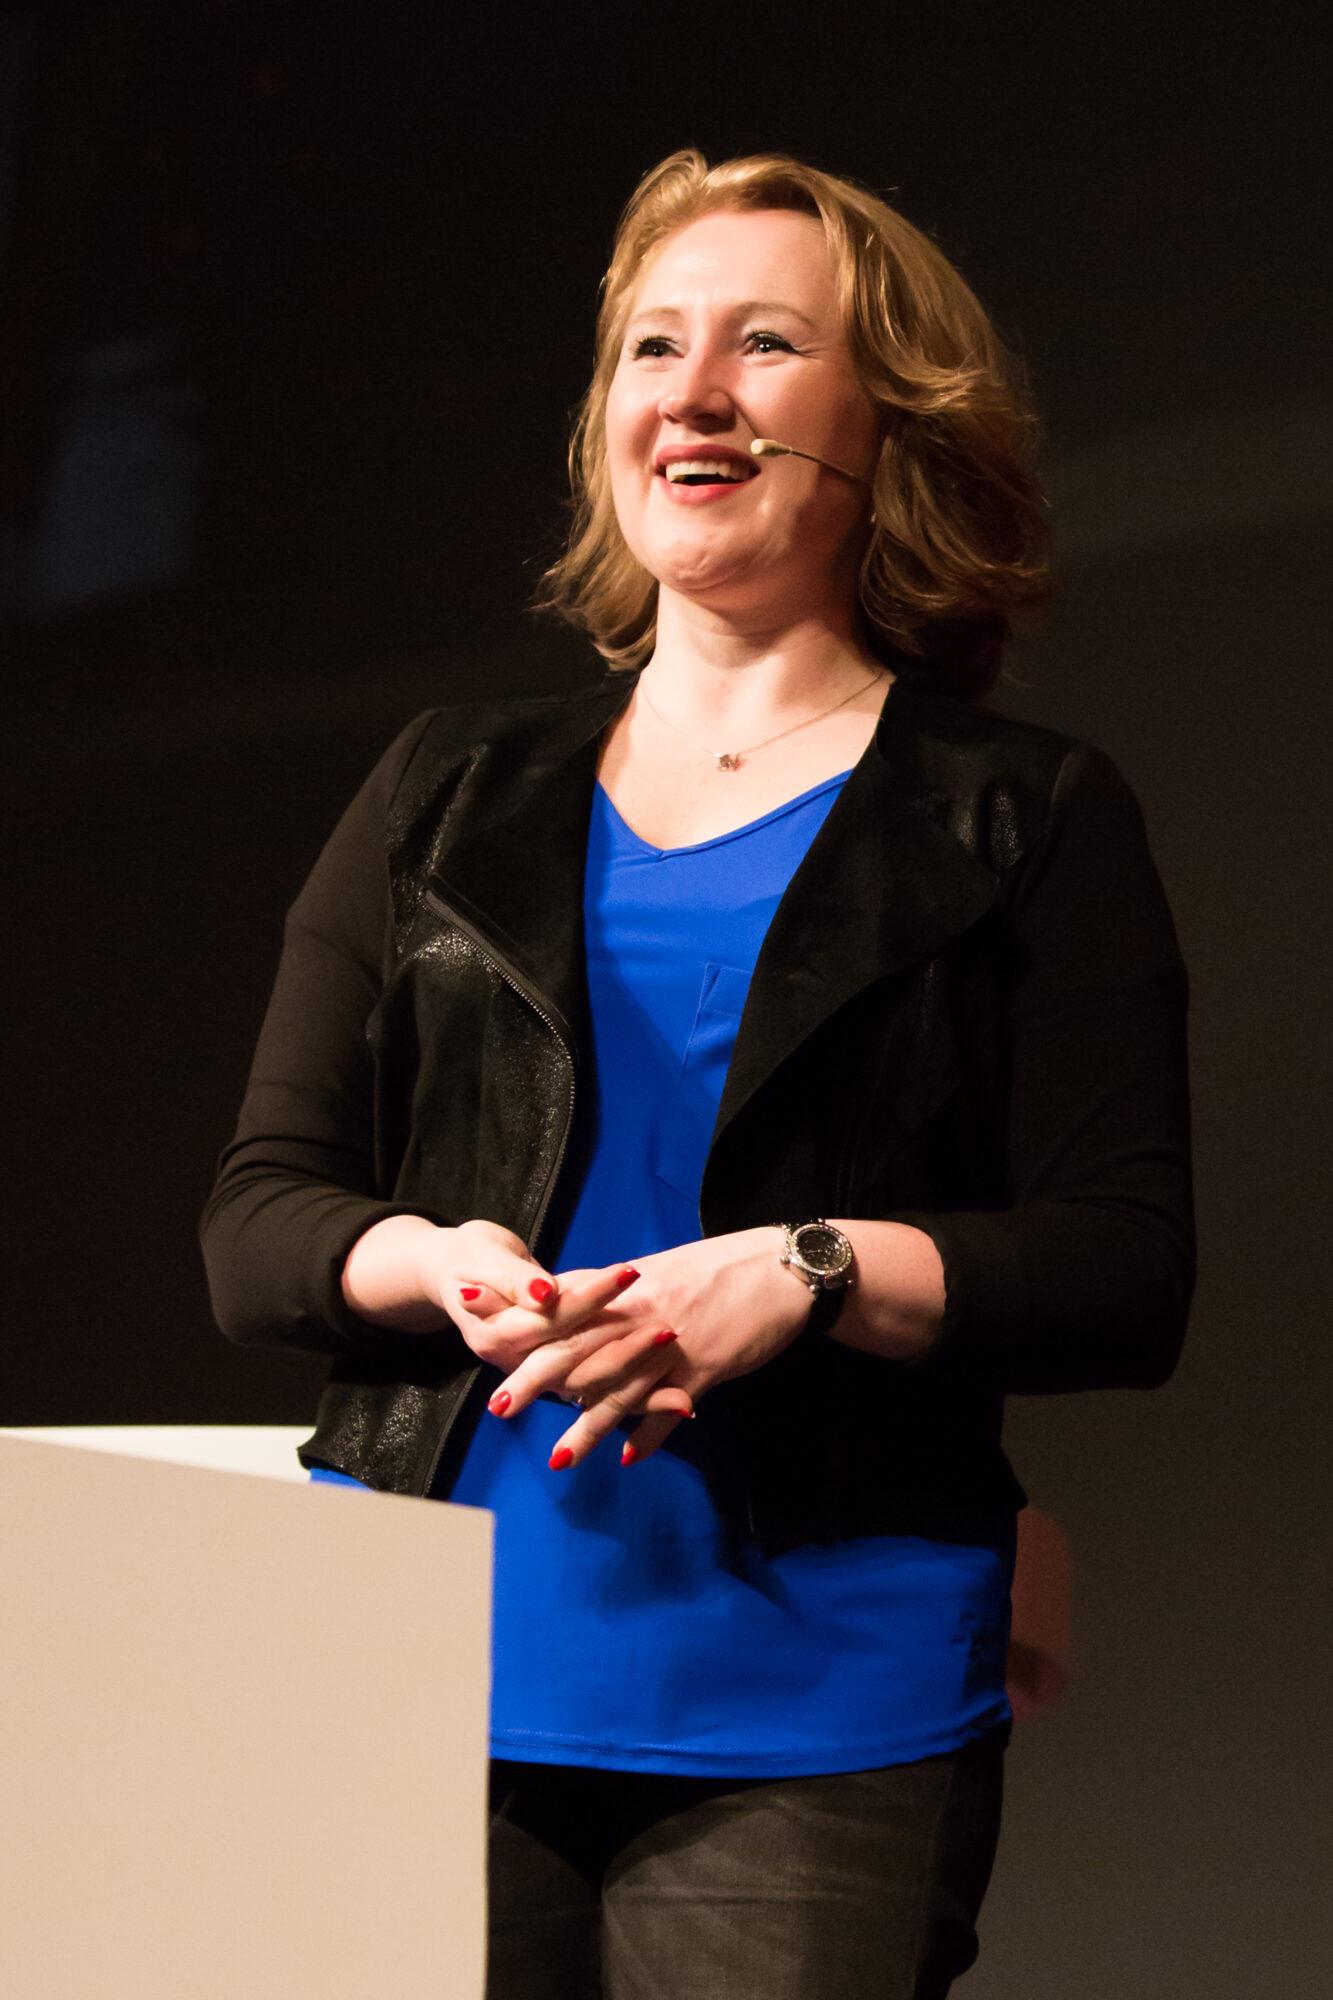 Jessica van Wingerden